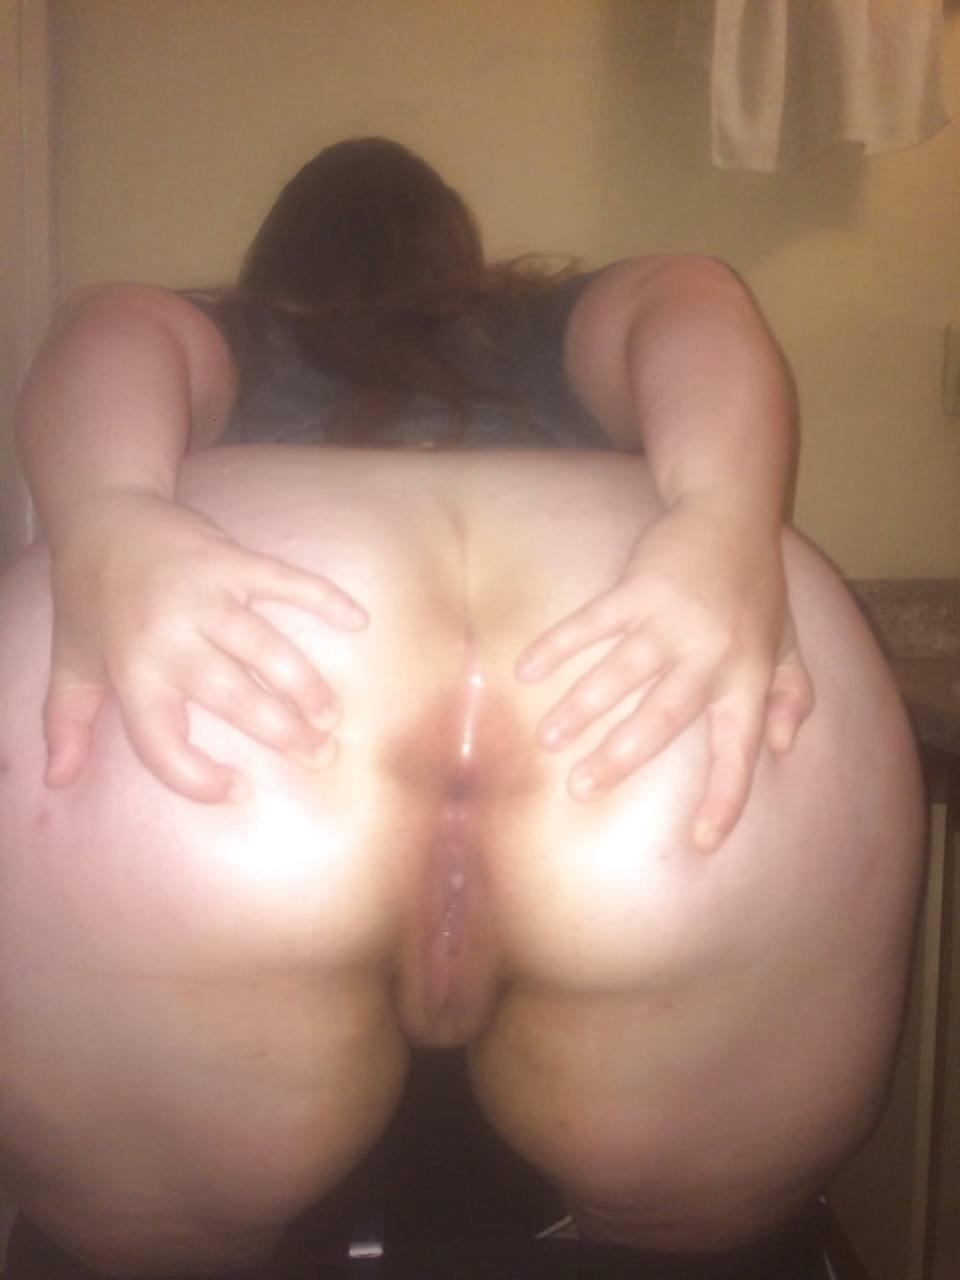 fotos amateurs, culos grandes, mujeres gordas traseros enormes